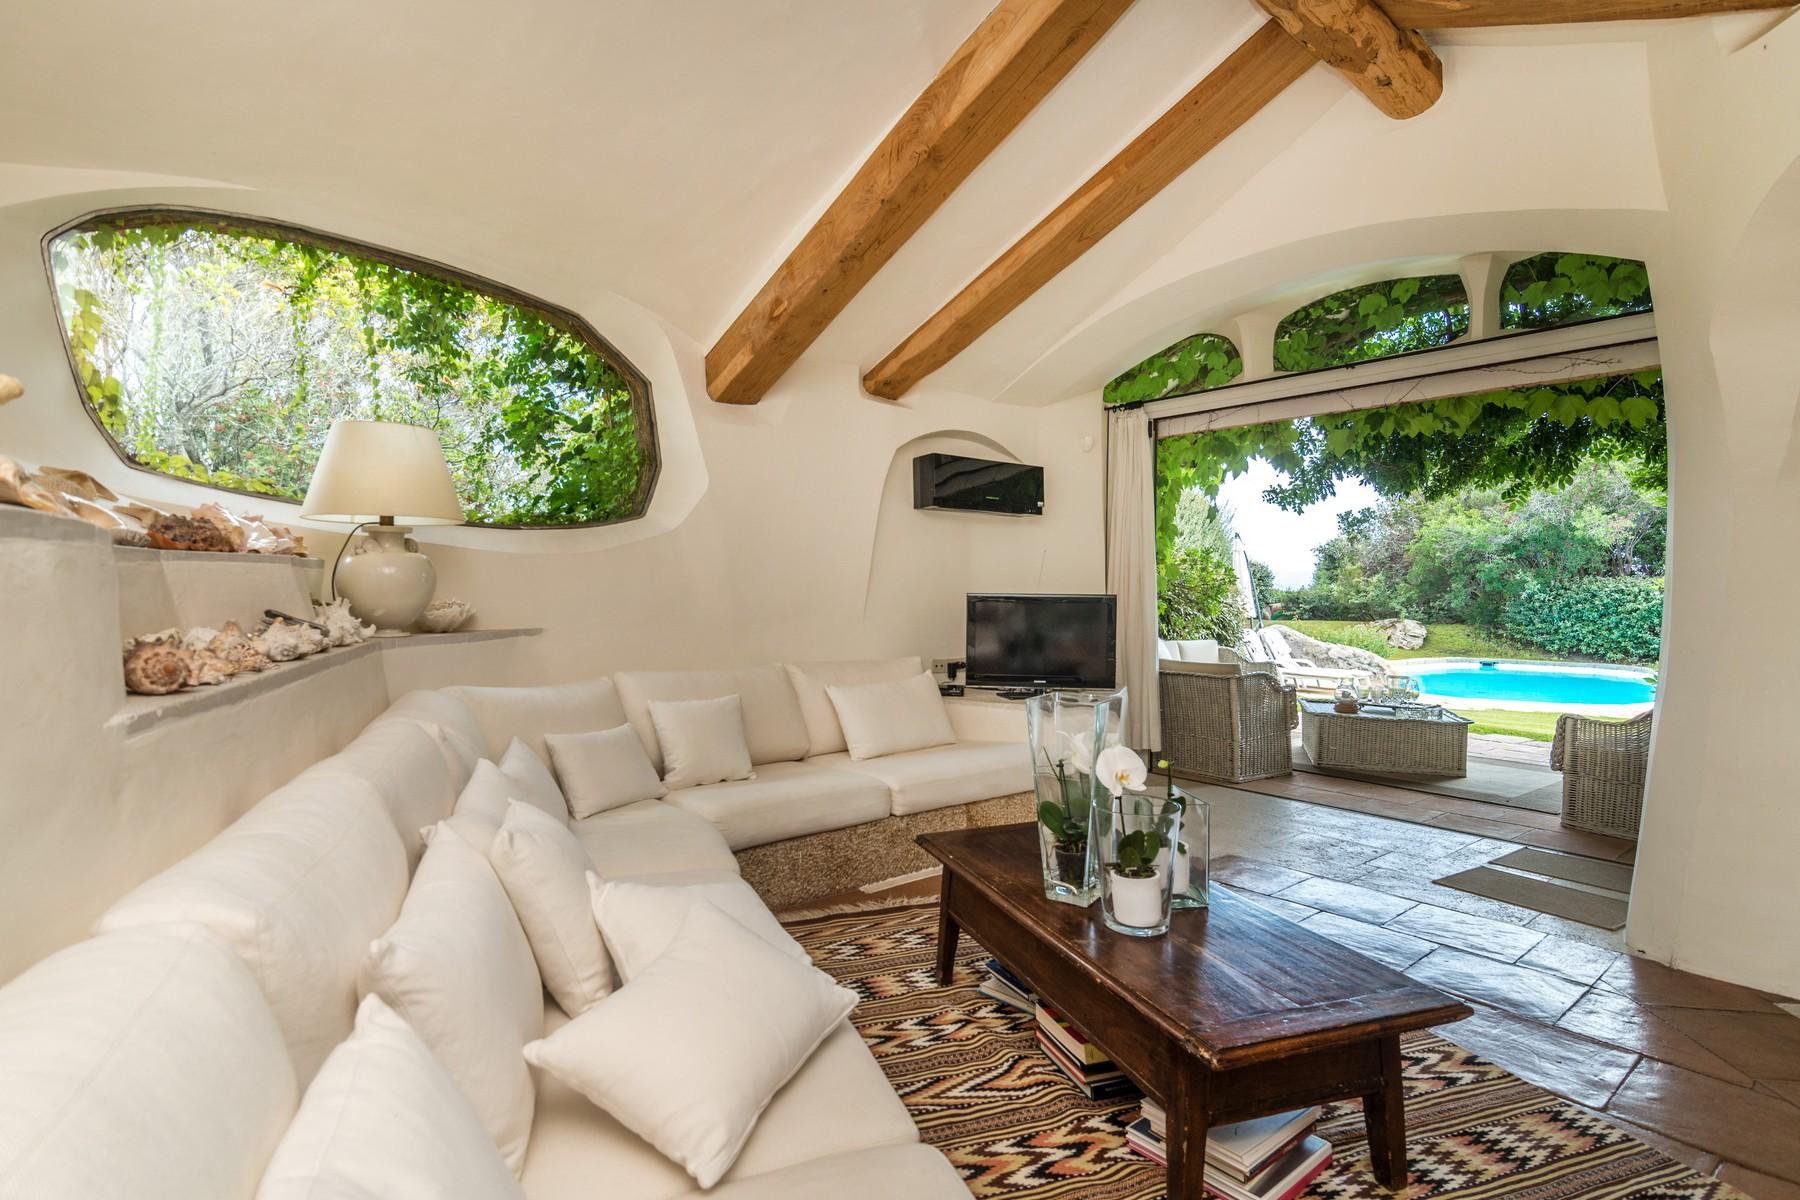 Unique sardinian style villa with private garden